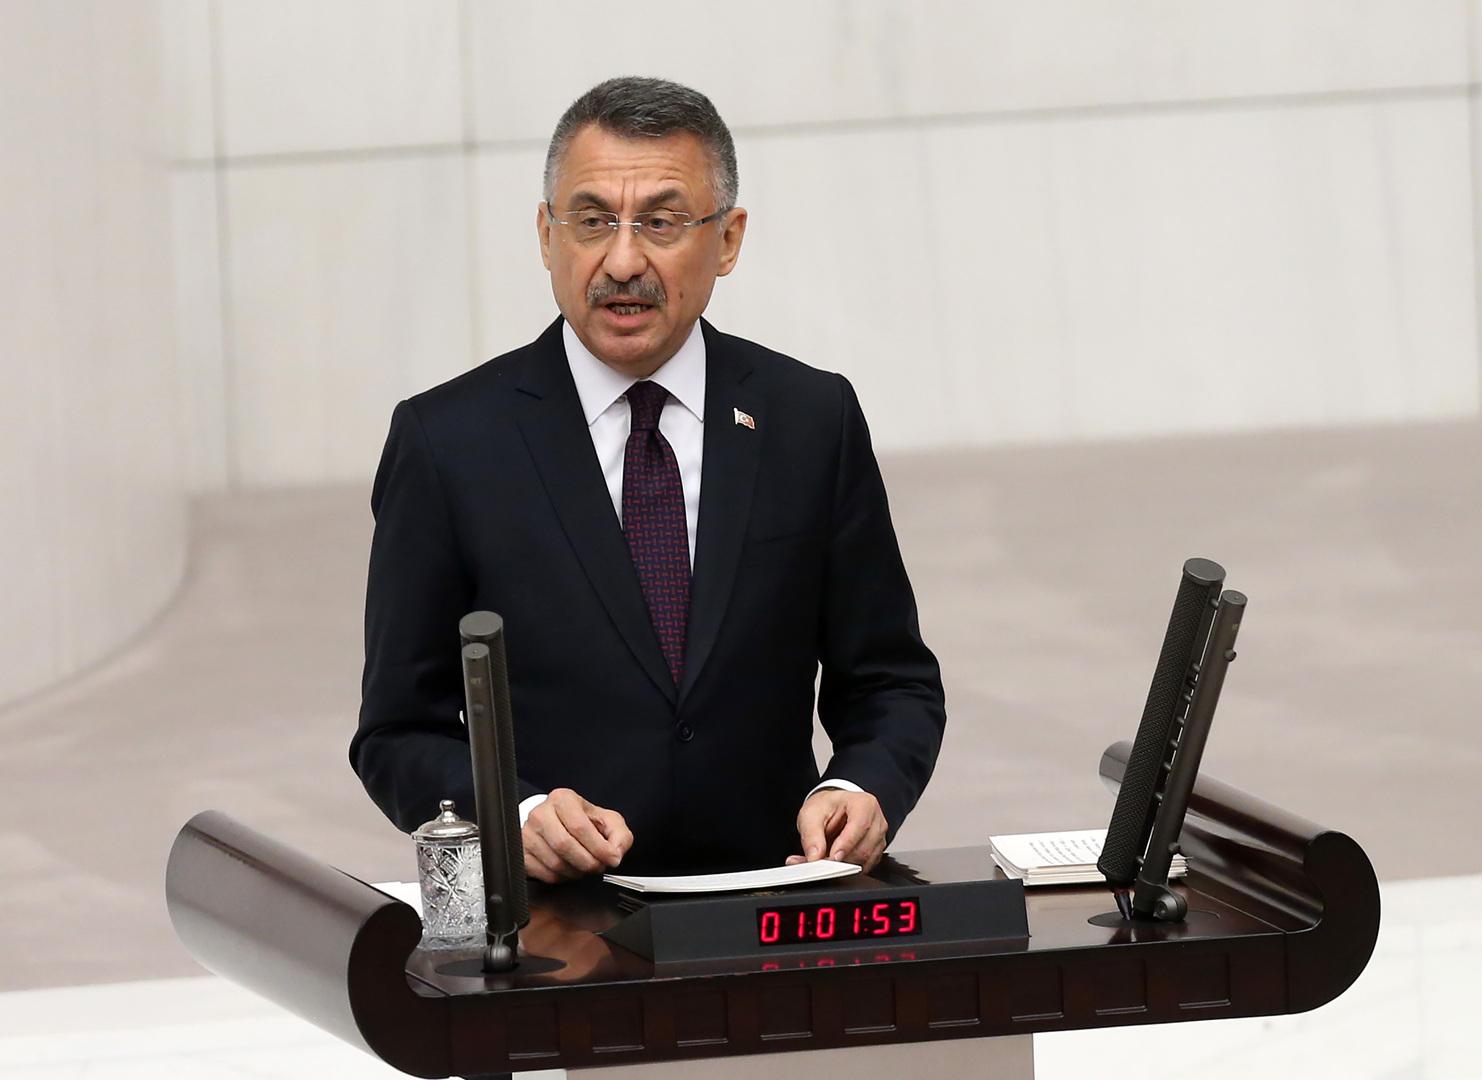 نائب أردوغان: أعددنا خطة لإنشاء موقع نموذجي في المنطقة الآمنة